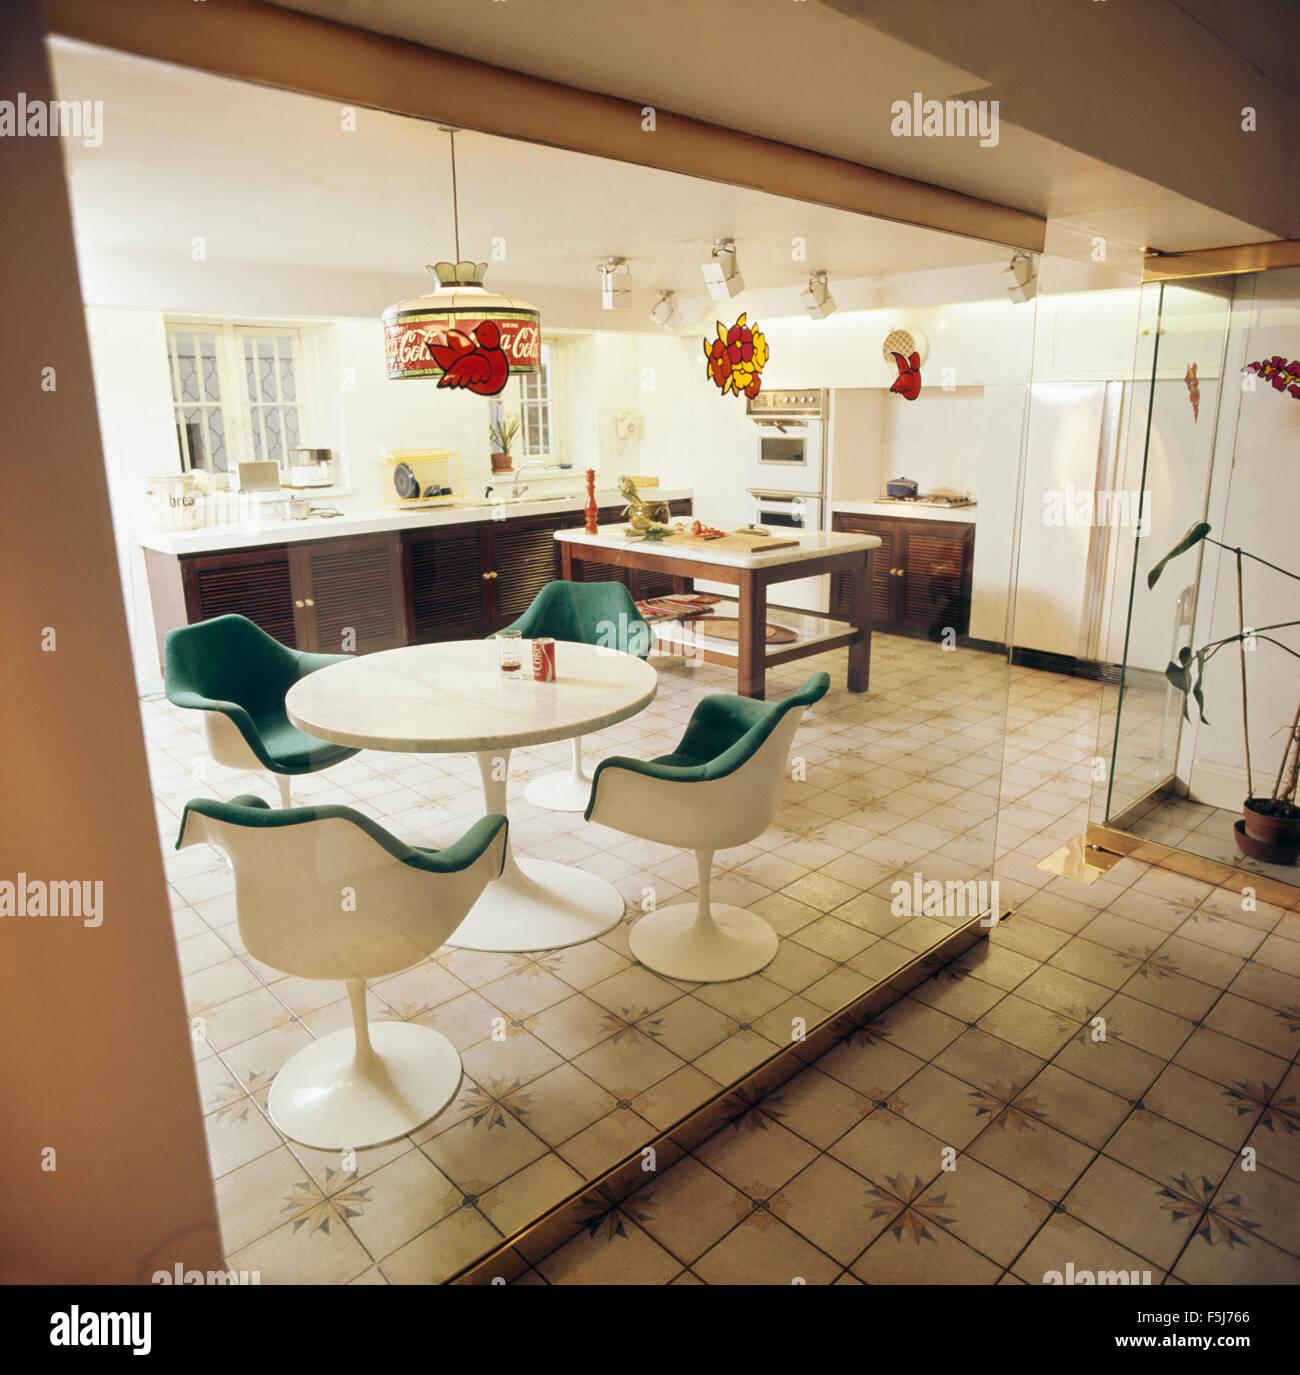 Eero Saarinen Tulip Tisch und Stühle im 70er Jahre Küche mit Glas ...